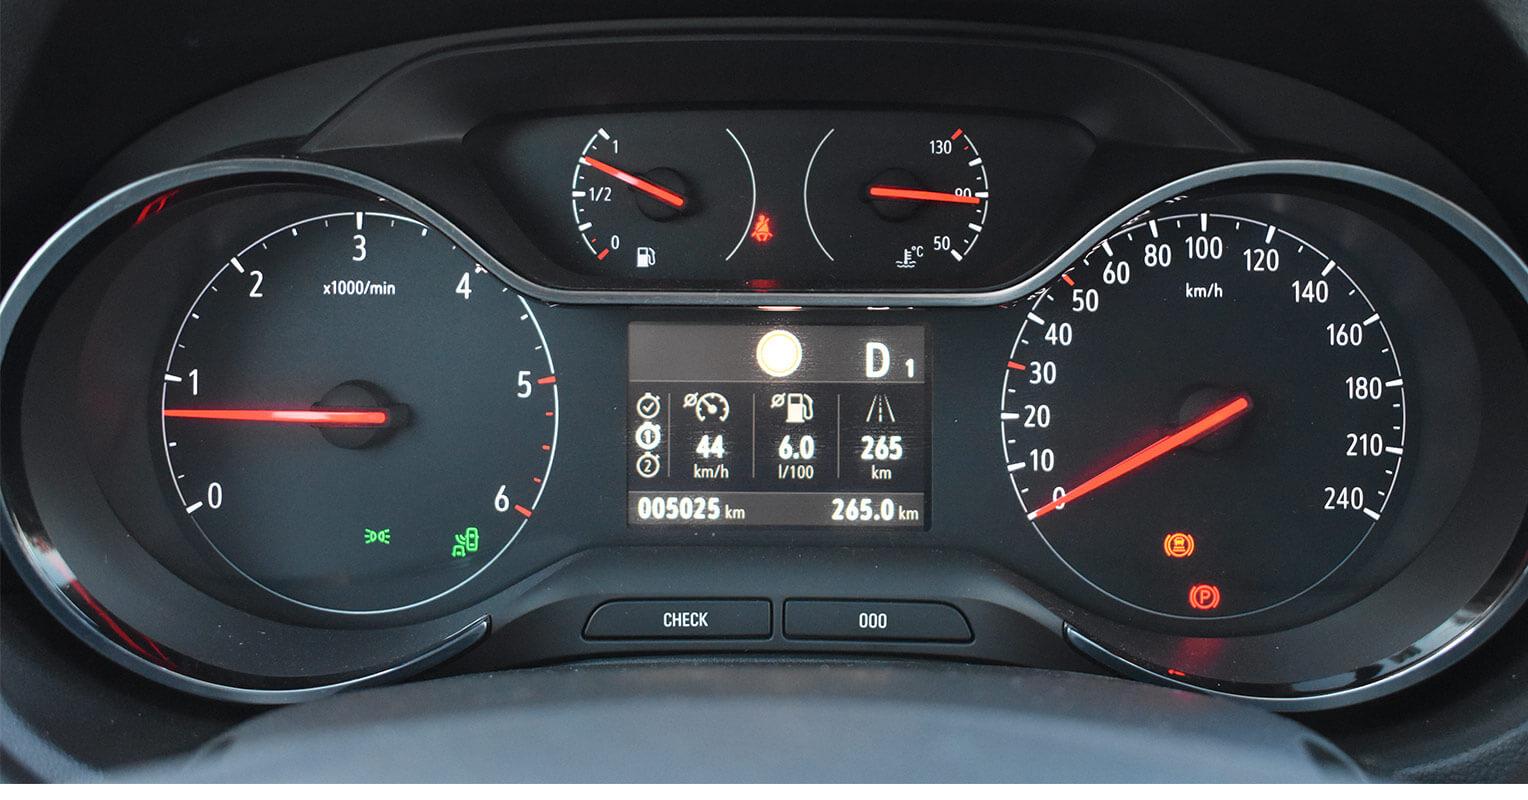 Cuadro de instrumentación del Opel Grandland X